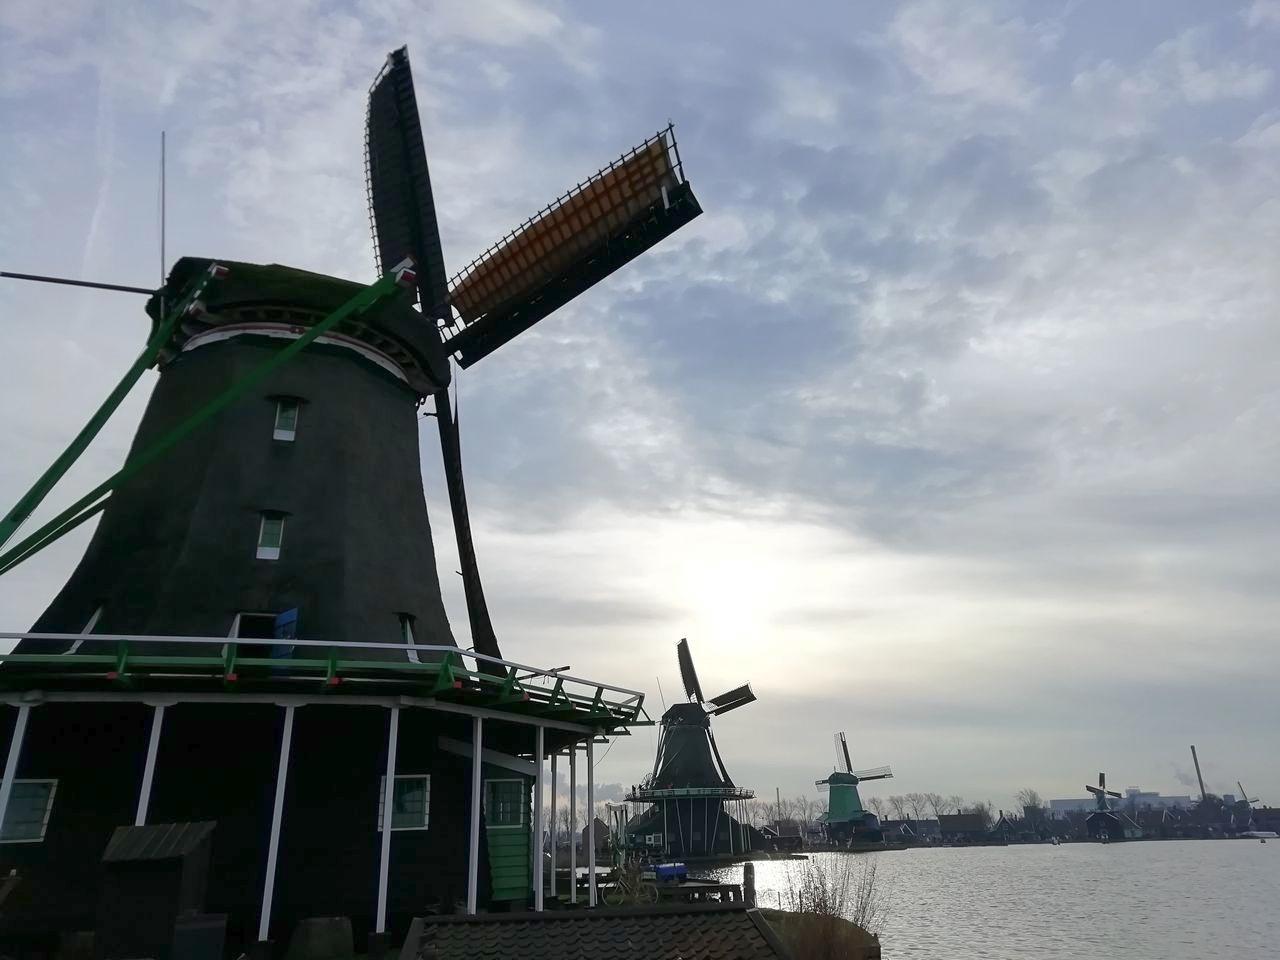 Puedes visitar Zaanse Schans desde Ámsterdam en transporte público.